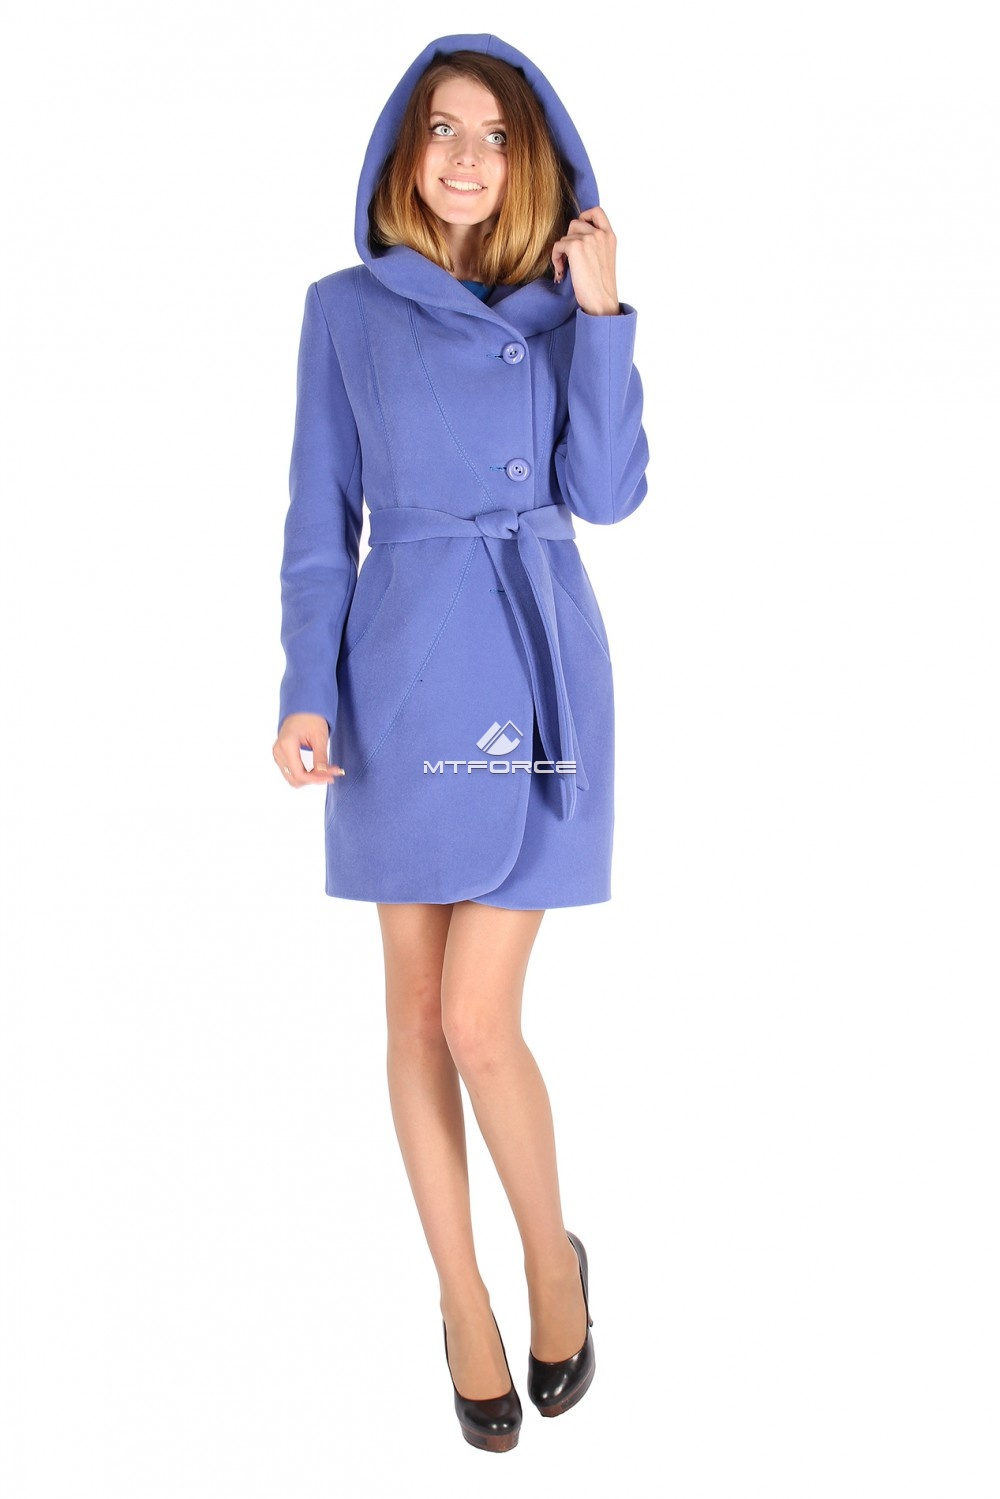 Купить                                  оптом Пальто женское голубого цвета 15224Gl в Новосибирске